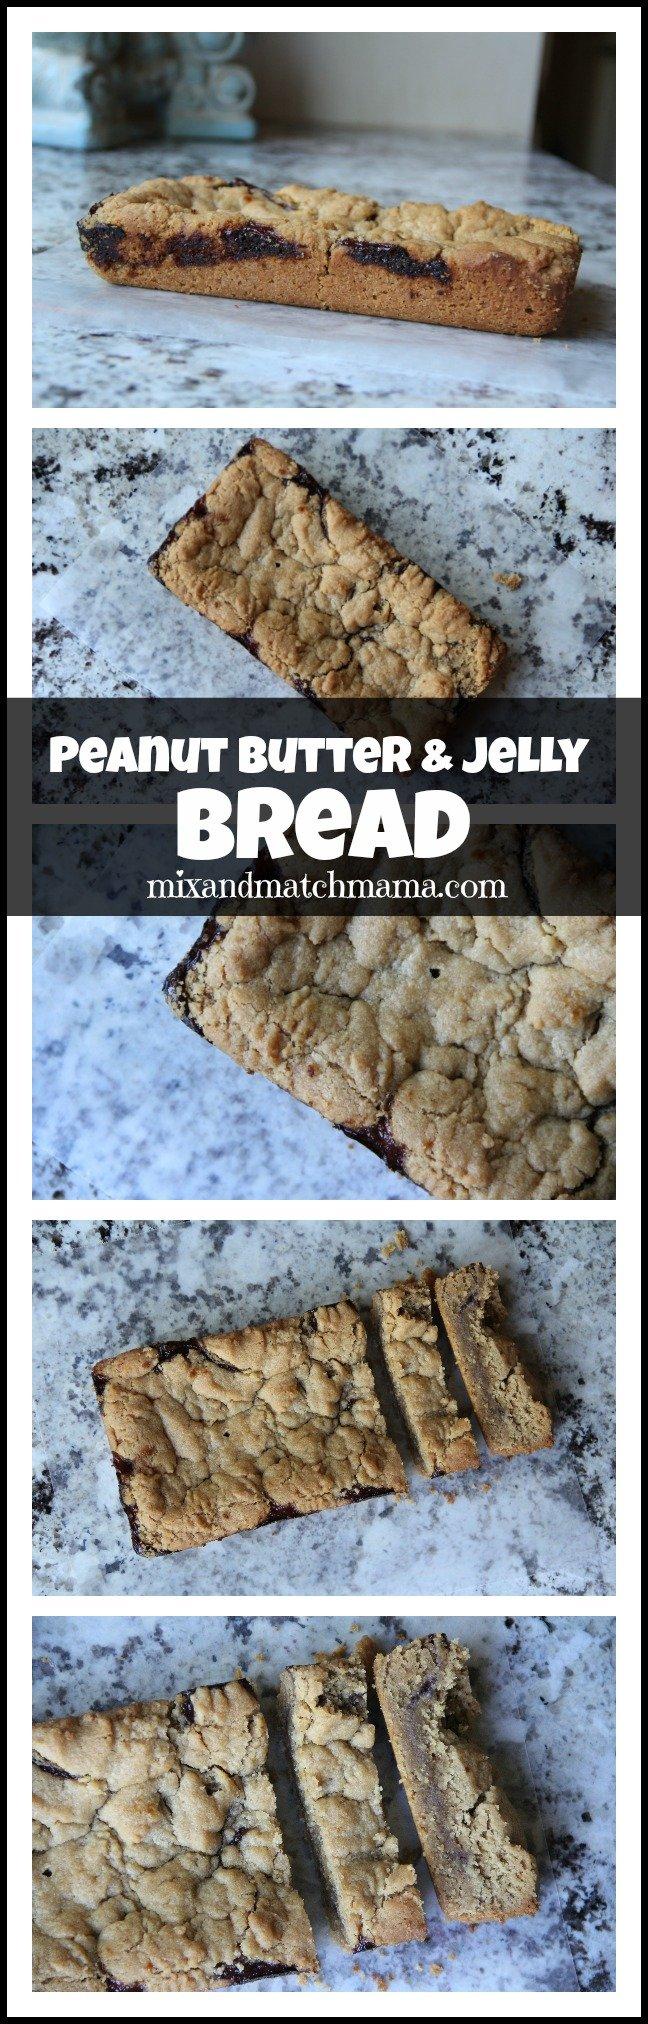 Peanut Butter & Jelly Bread